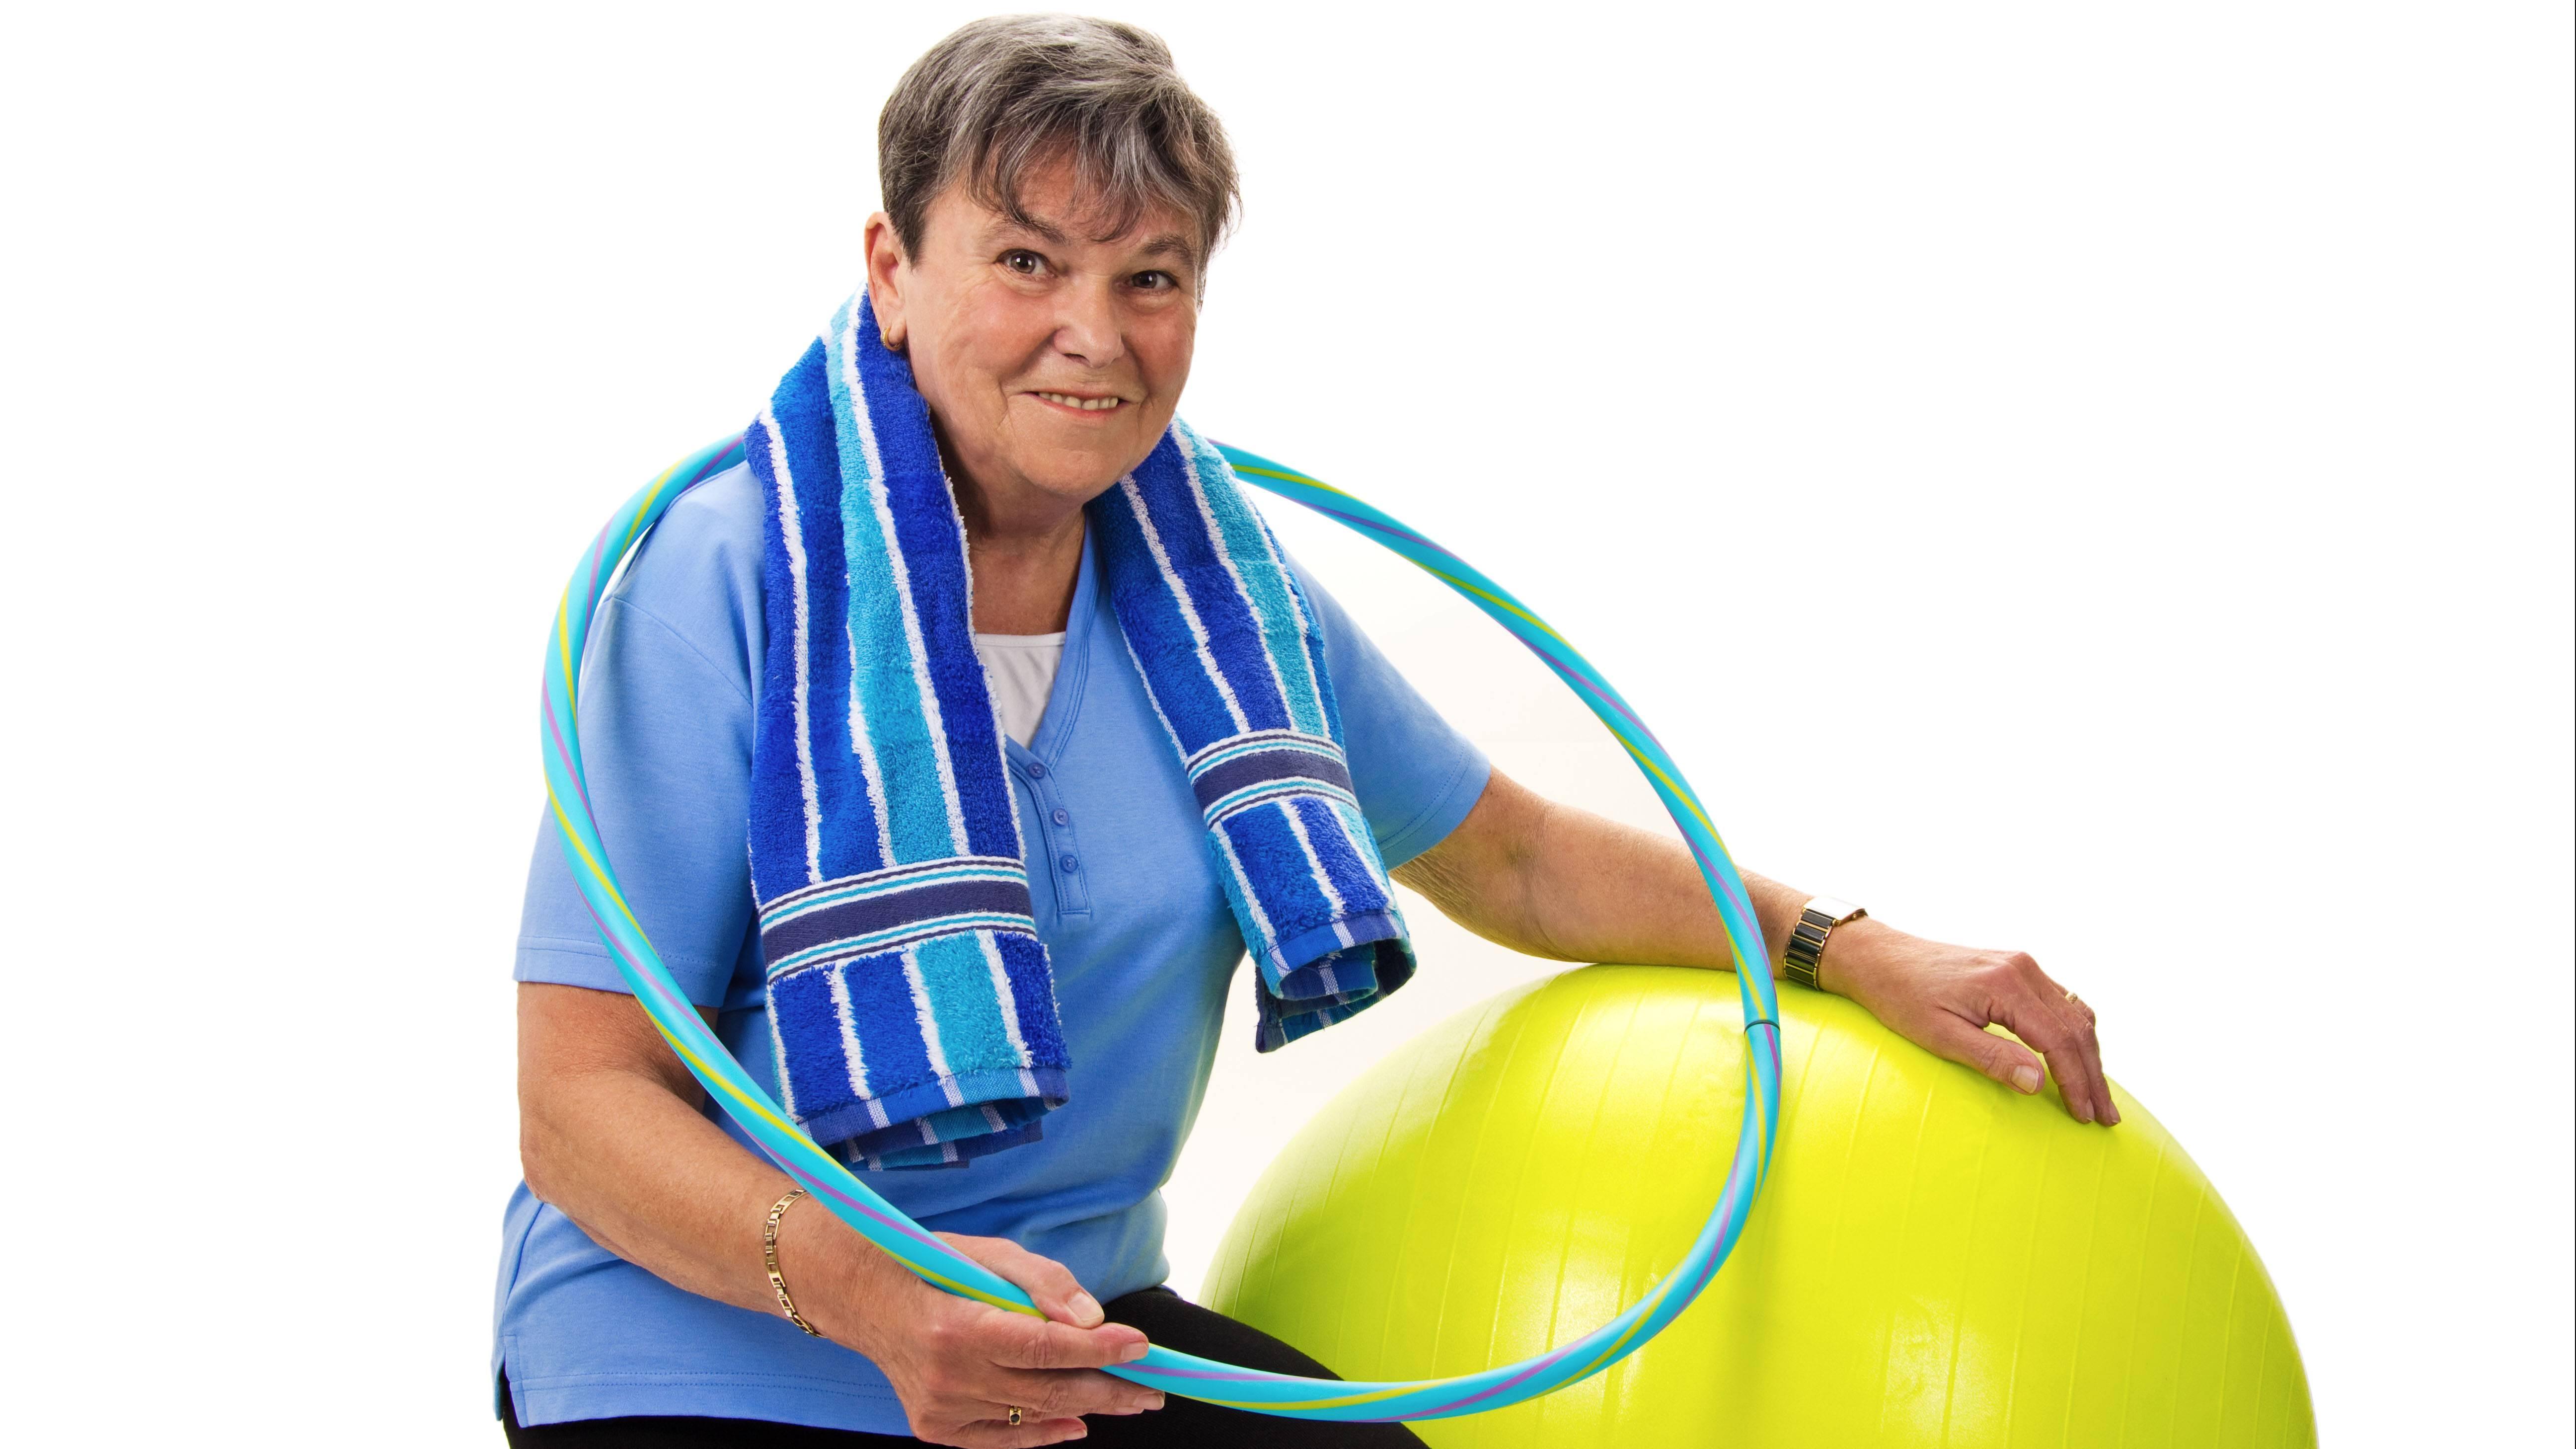 Wenn Sie beim Hula Hoop genügend Kalorien verbrennen, können Sie auf eine Diät verzichten.